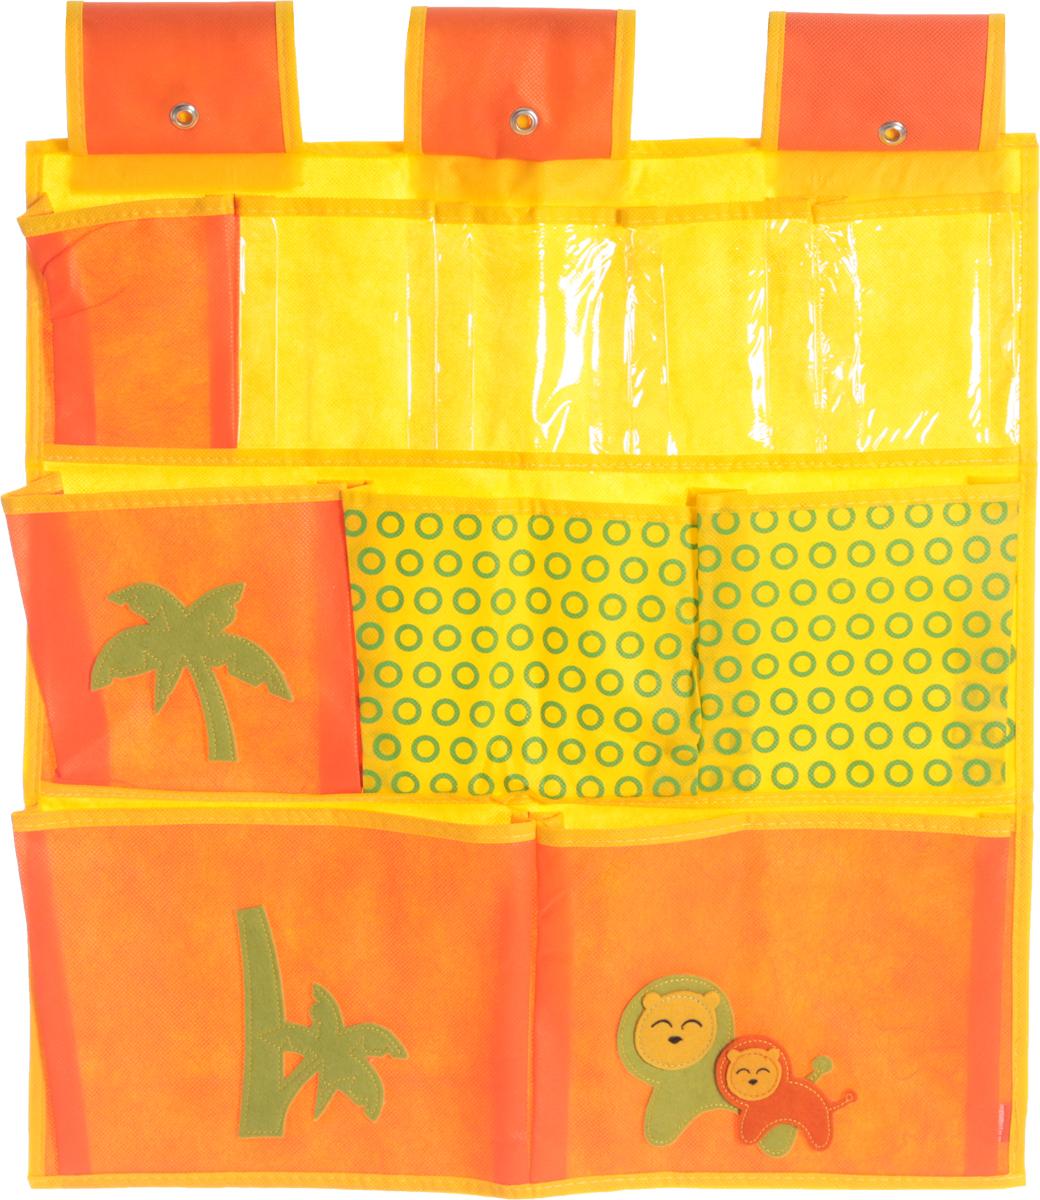 Кофр детский Все на местах Sunny Jungle, подвесной, цвет: желтый, оранжевый, 10 карманов, 57 x 57 см1071024.Подвесной квадратный кофр для хранения детских мелочей Все на местах Sunny Jungle изготовлен из высококачественного нетканого материала (спанбонда), ПВХ и фетра. Изделие позволяет сохранить естественную вентиляцию, а воздуху свободно проникать внутрь, не пропуская пыль. Кофр оснащен 10 достаточно крупными карманами, которые идеально подойдут для различных принадлежностей вашего ребенка. Мобильность конструкции обеспечивает складывание и раскладывание одним движением. Кофр удобно складывается в чехол. Оформлена модель оригинальными декоративными нашивками. Размер органайзера: 57 х 57 см.